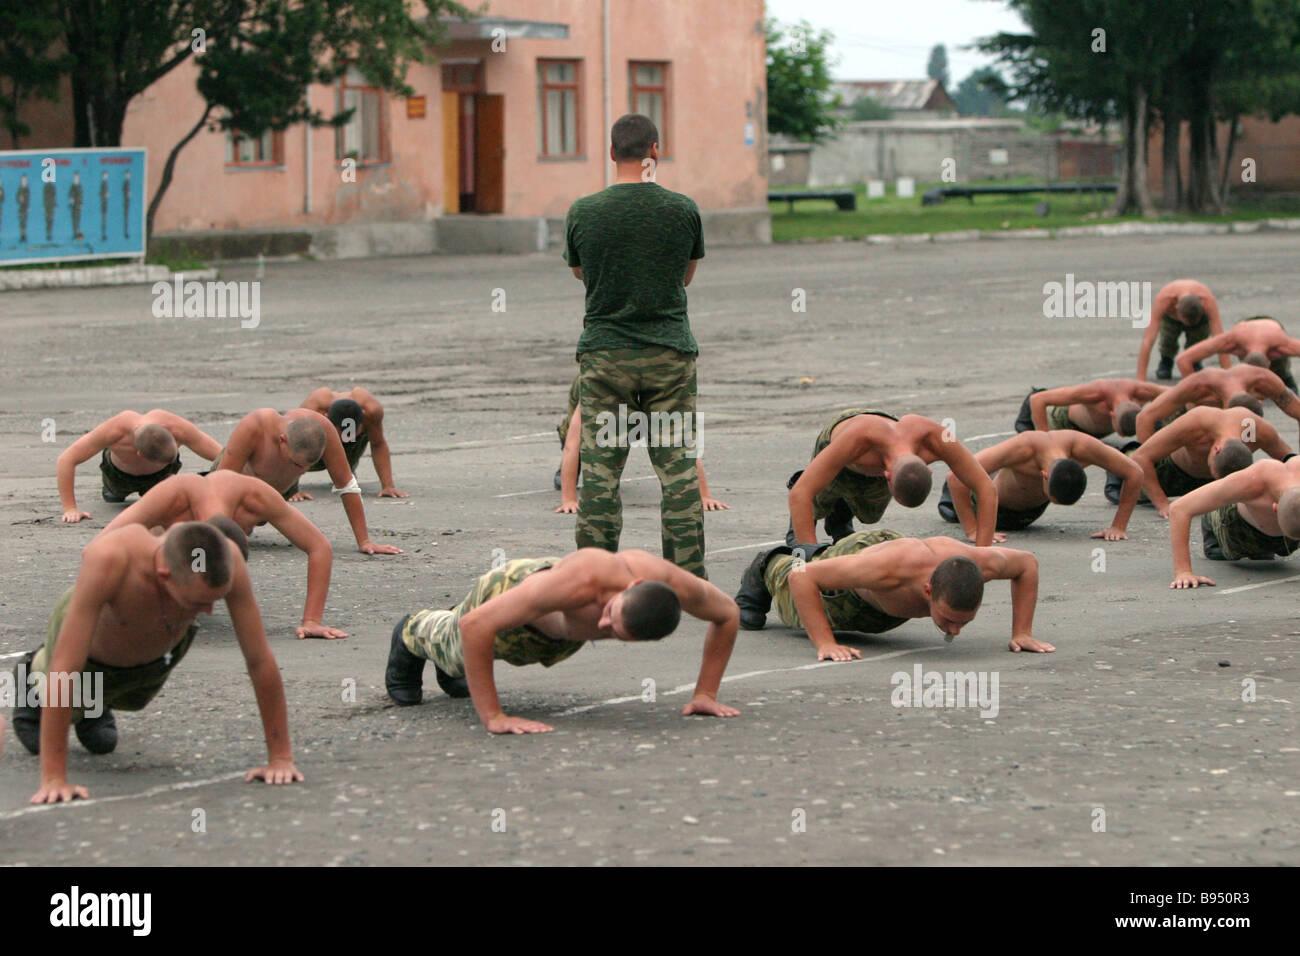 Унижение парней в военкомате 24 фотография